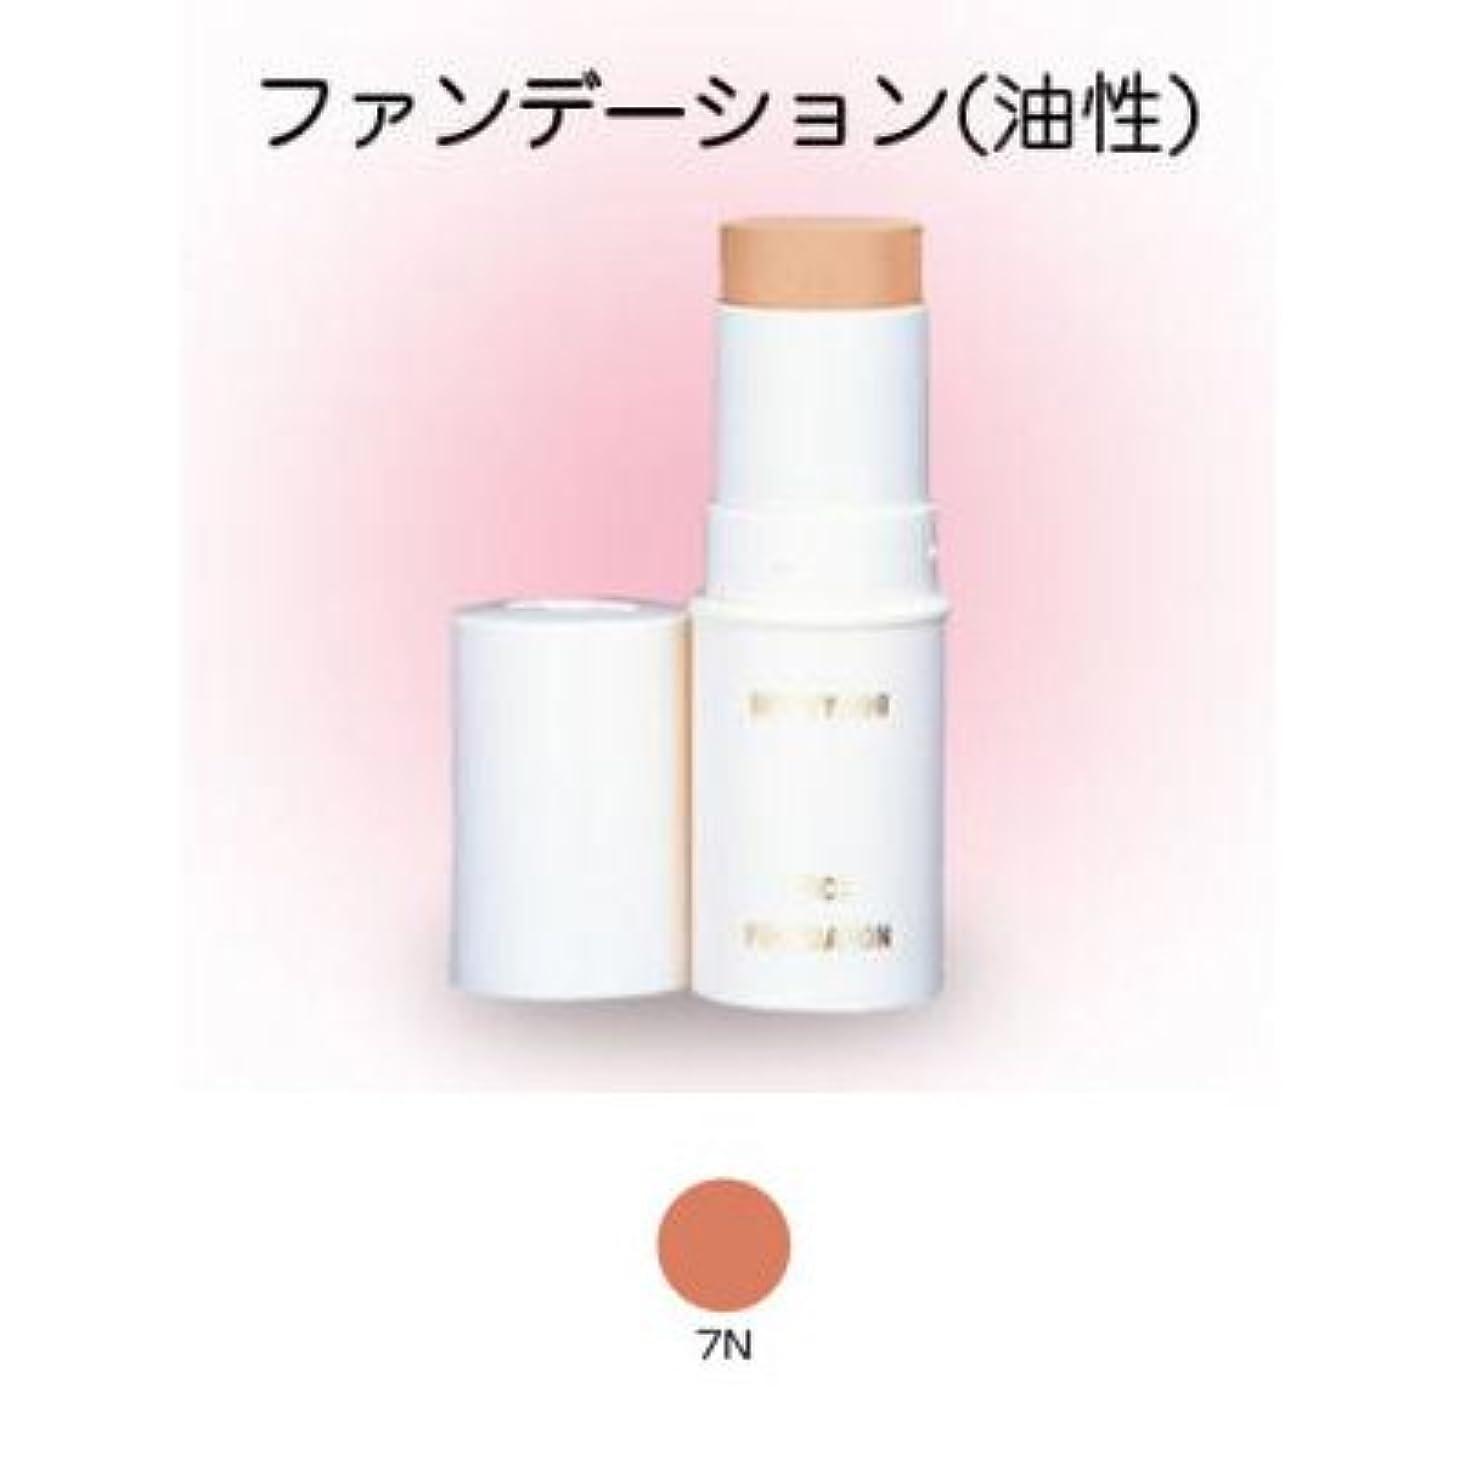 落ちたスポンジ控えるスティックファンデーション 16g 7N 【三善】